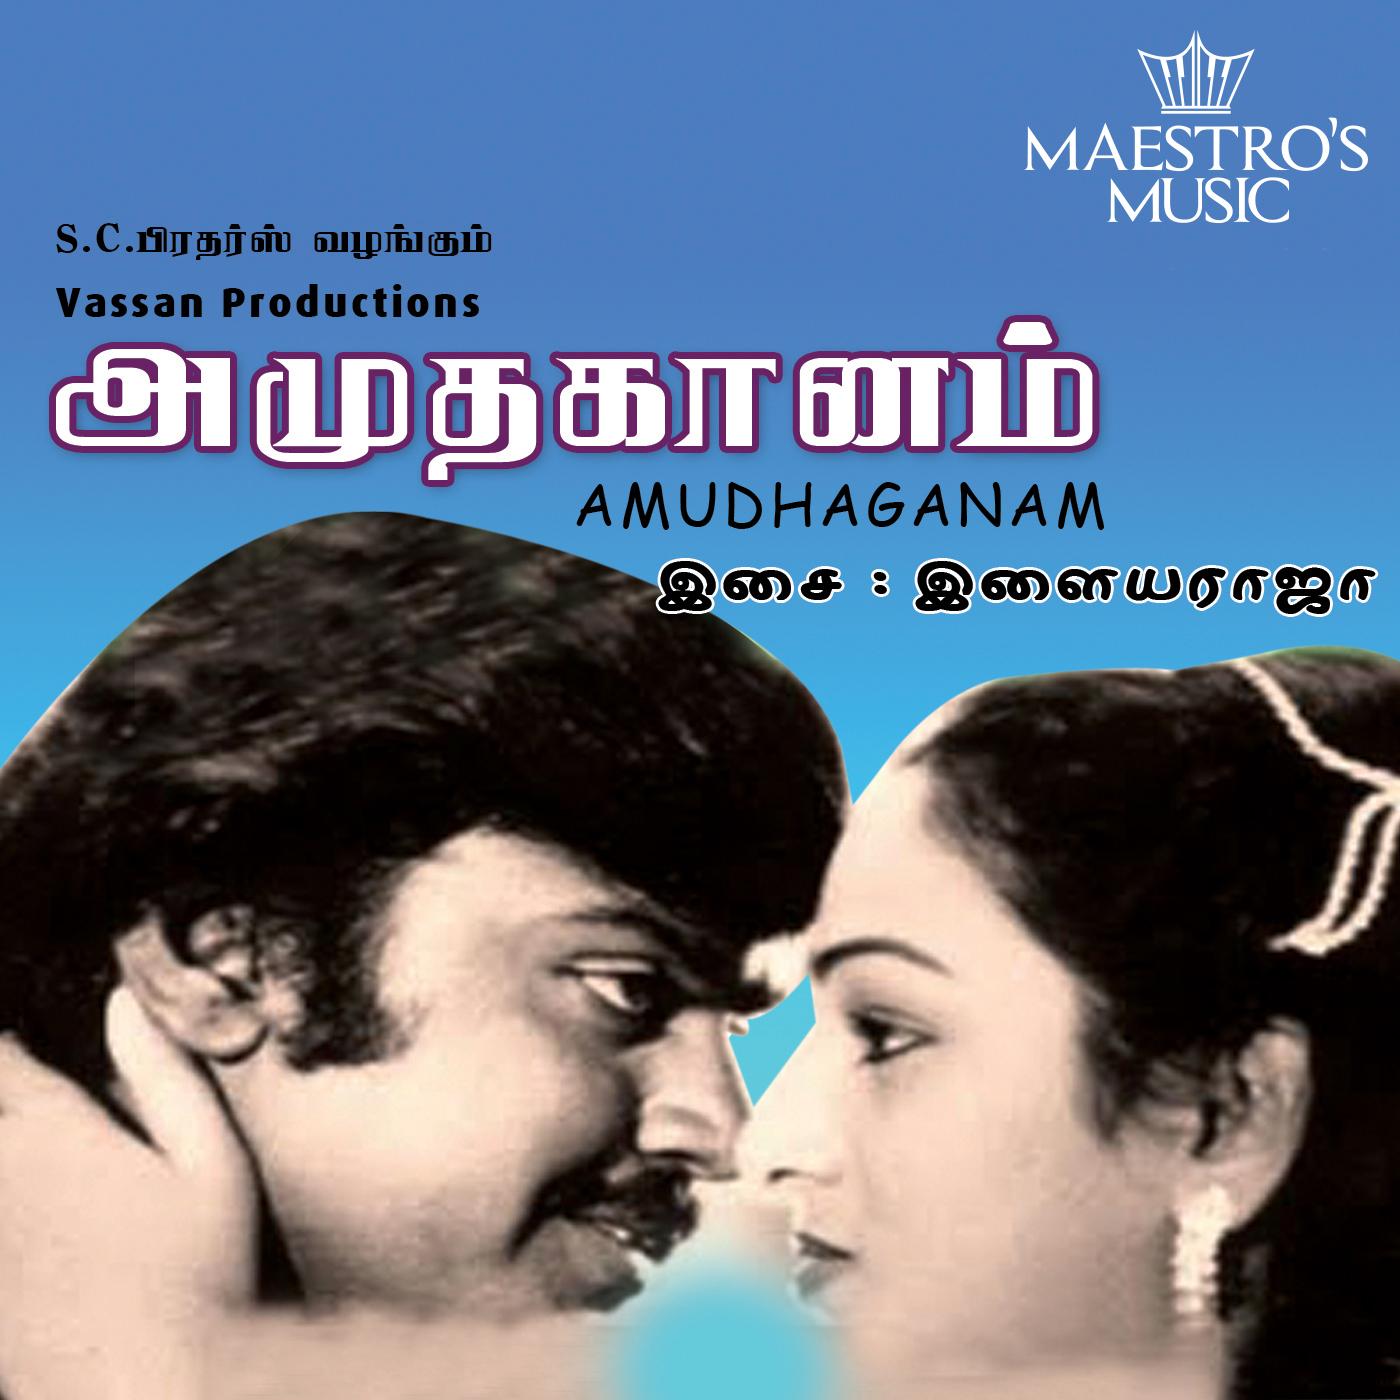 Amudha Gaanam ((1985))